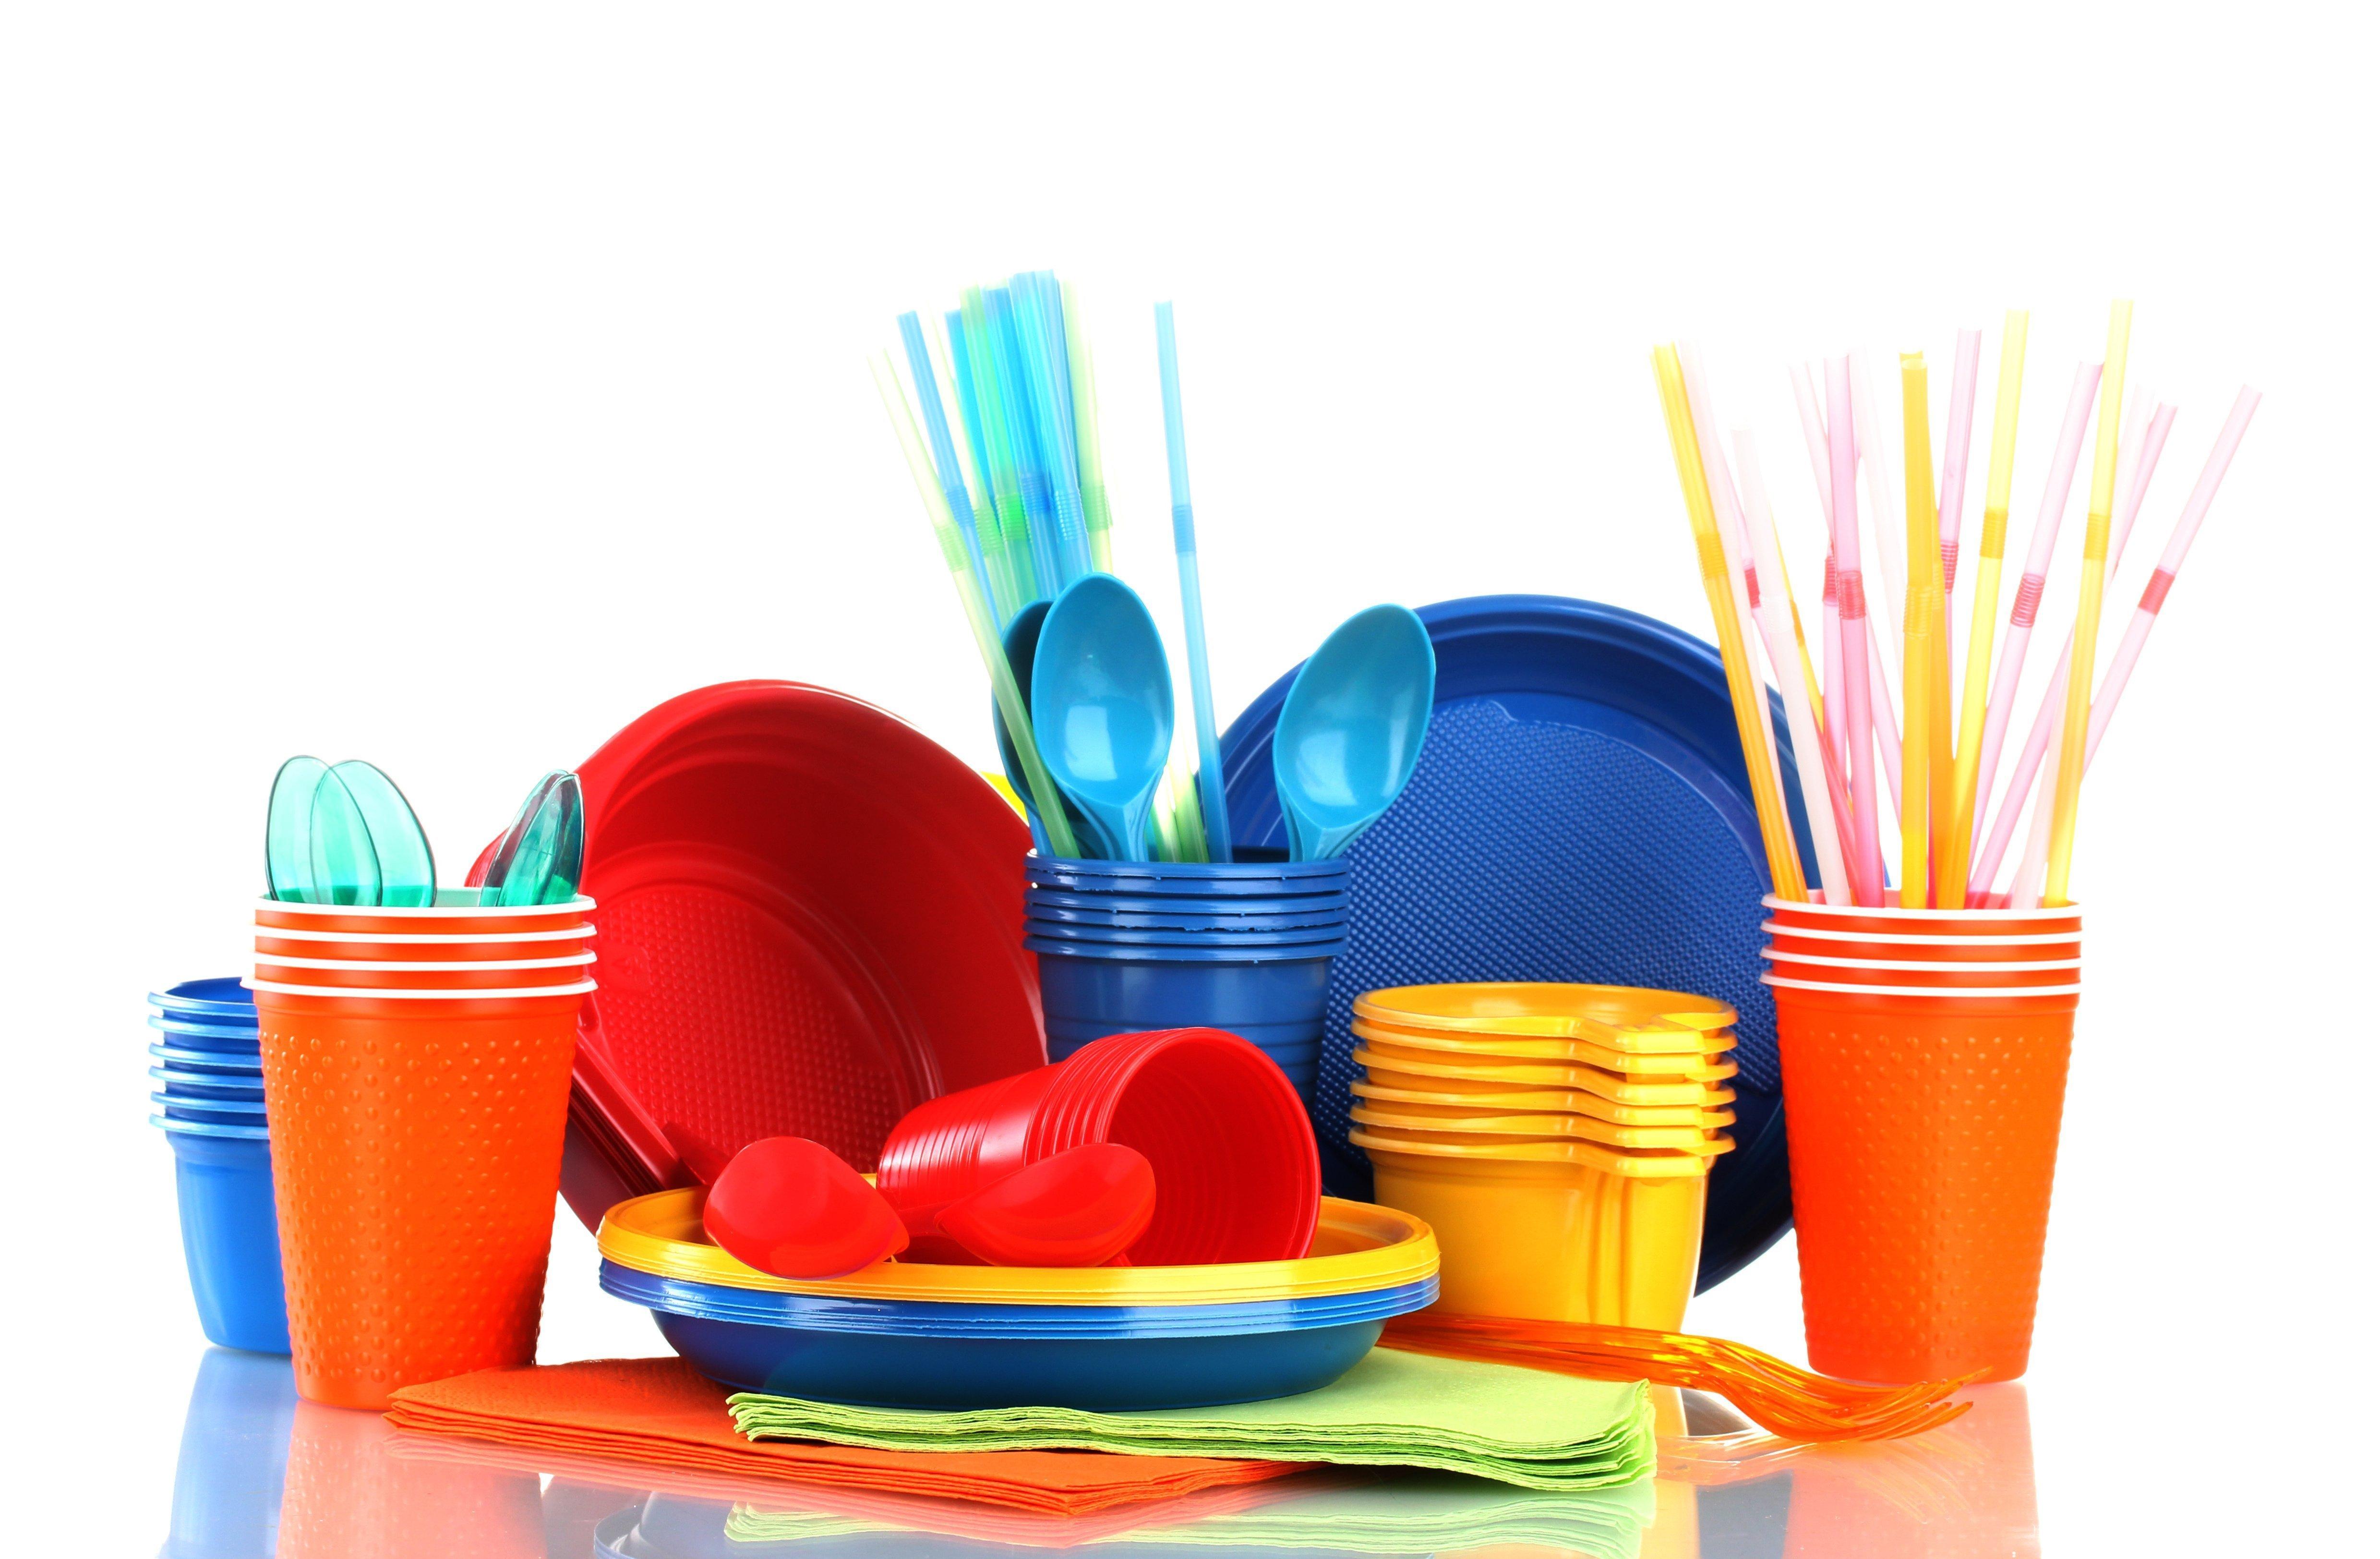 Buntes Plastikgeschirr, Teller, Becher und Besteck